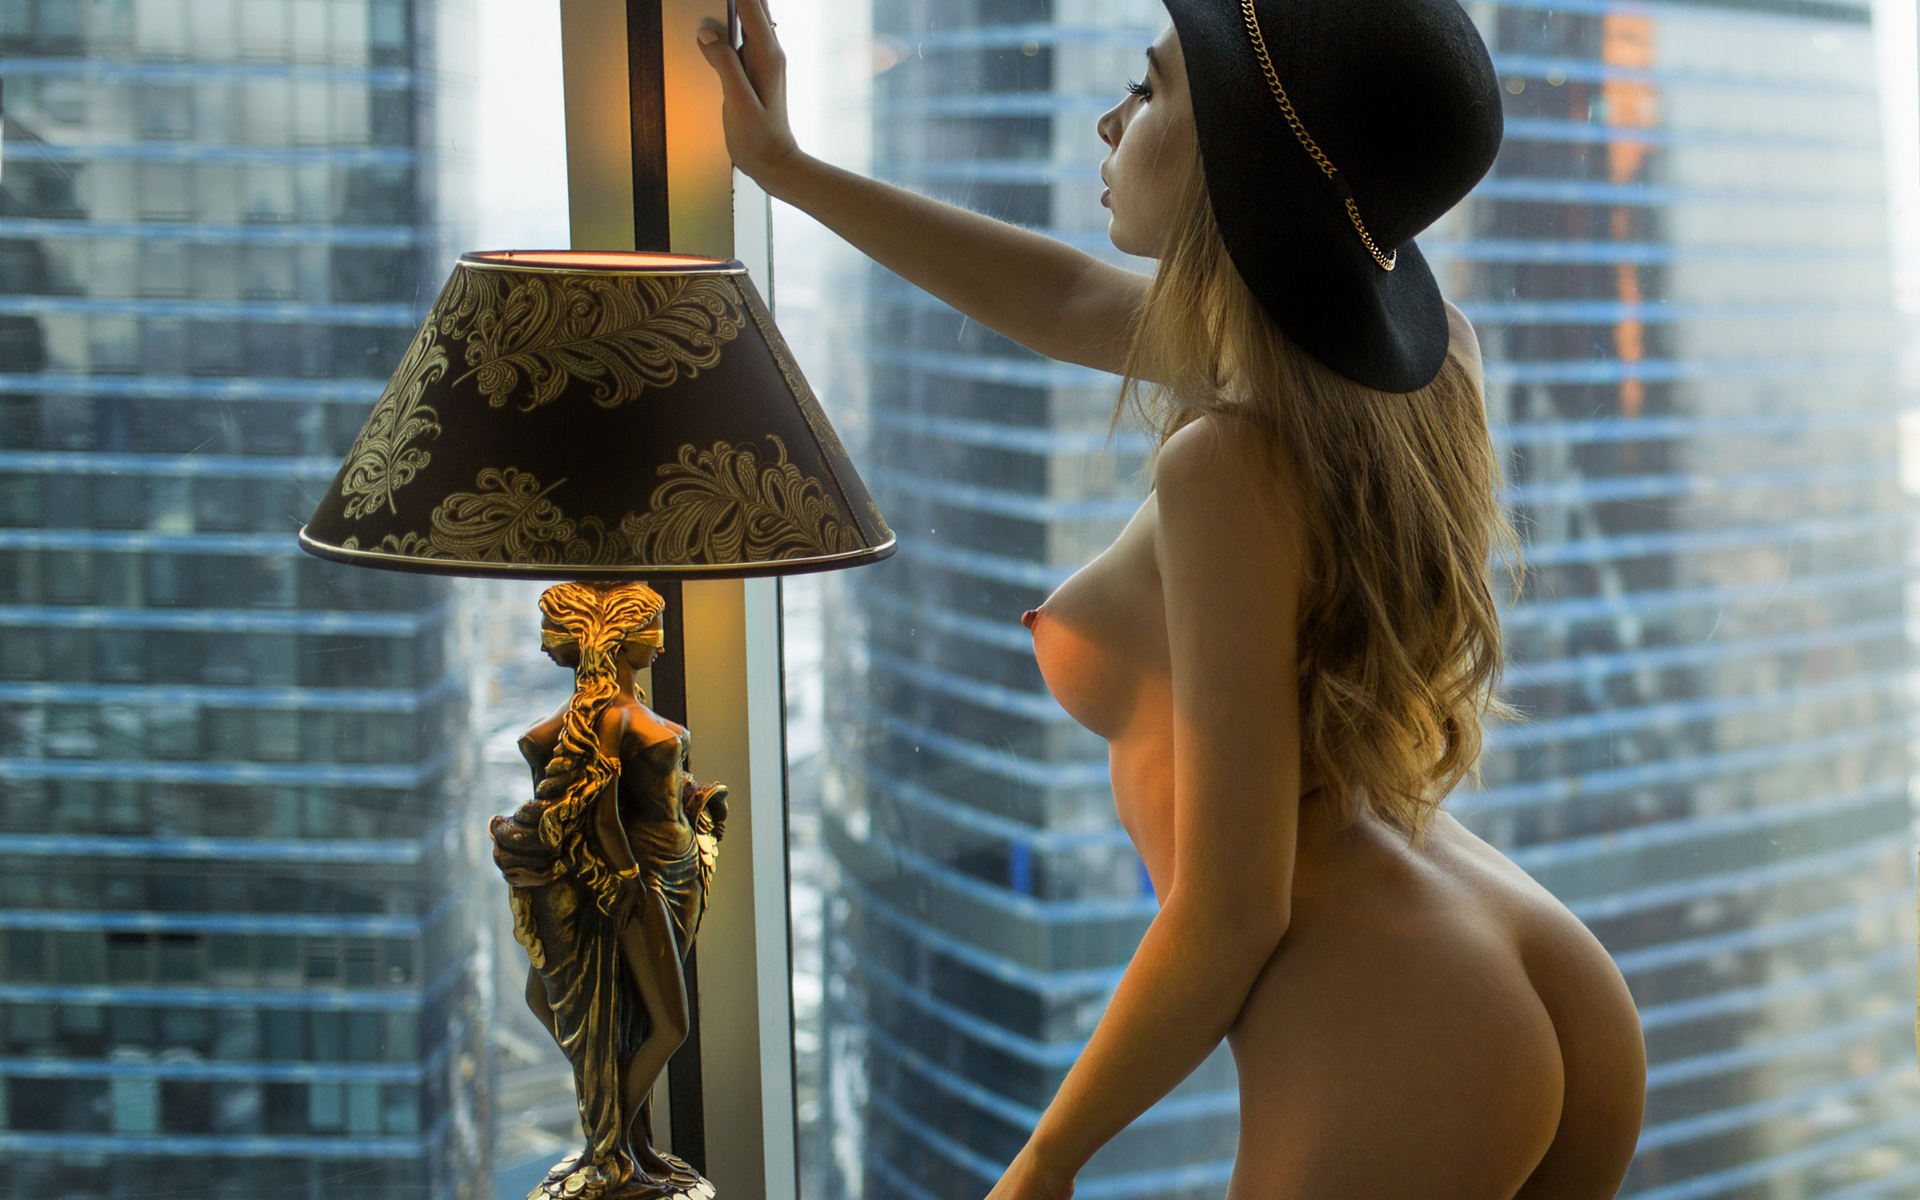 девушка, поза, попка, сиськи, грудь, шляпа, лампа, большие сиськи, окна, отели номер